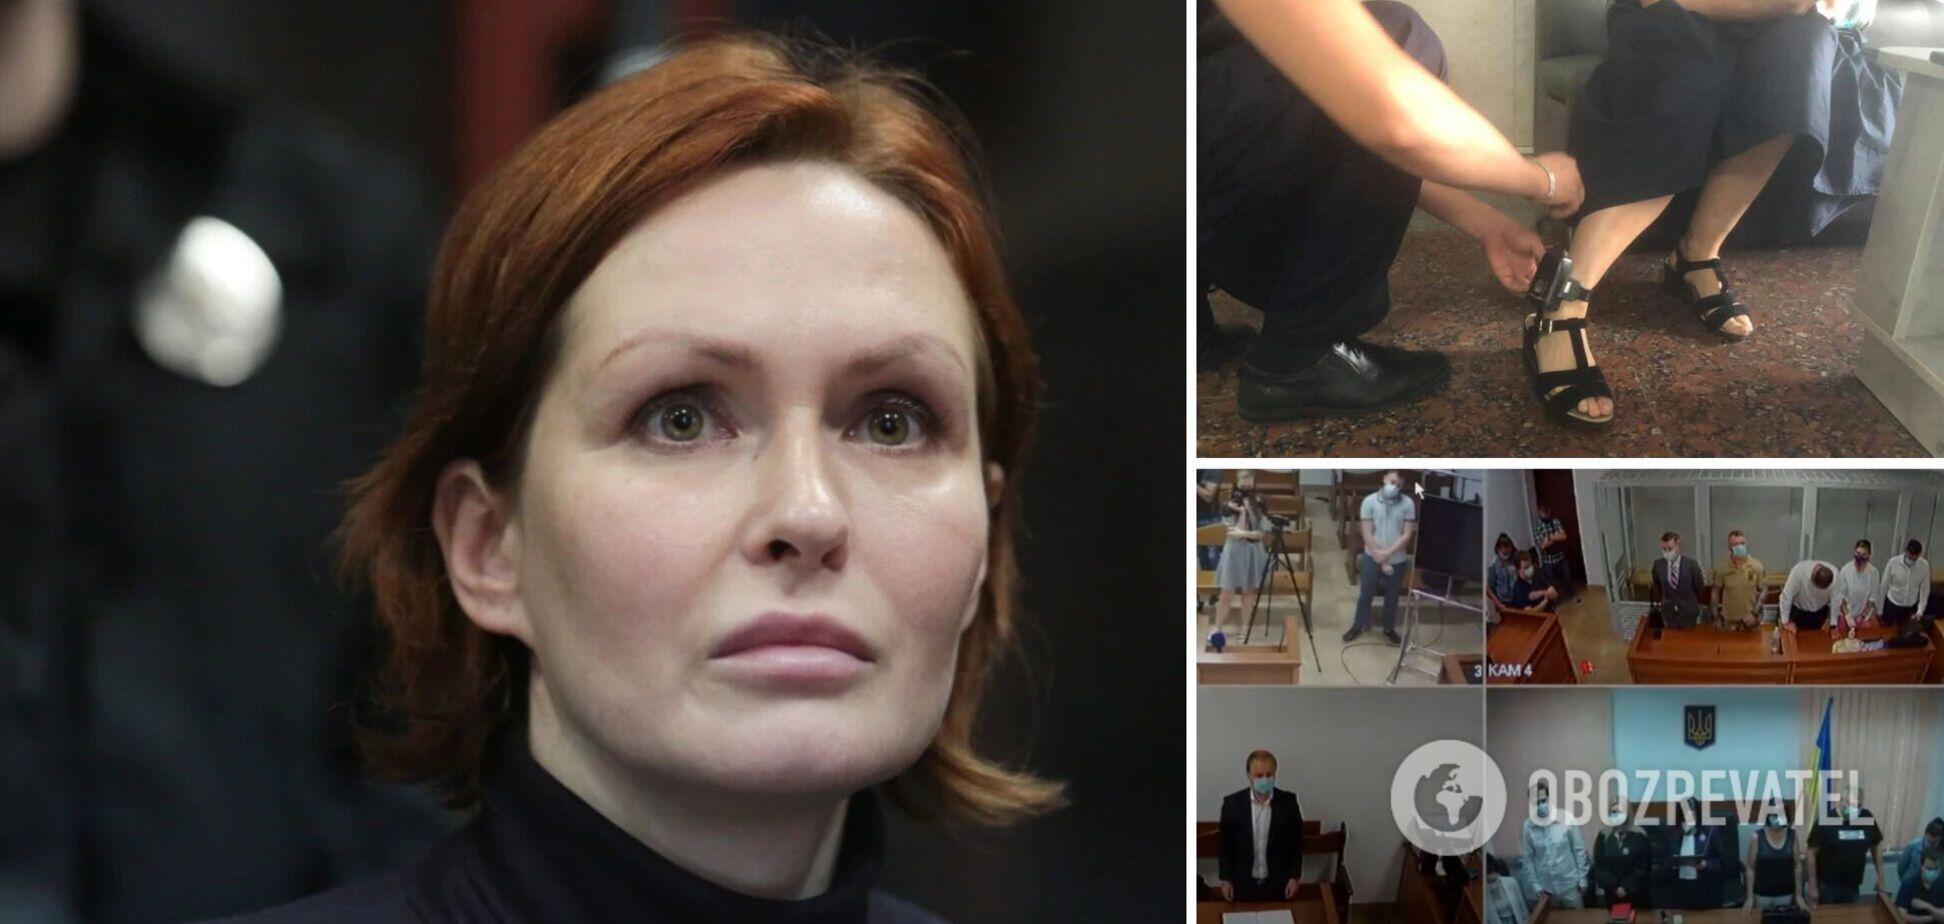 Суд змінив запобіжний захід підозрюваній у вбивстві Шеремета Юлії Кузьменко. Фото та відео